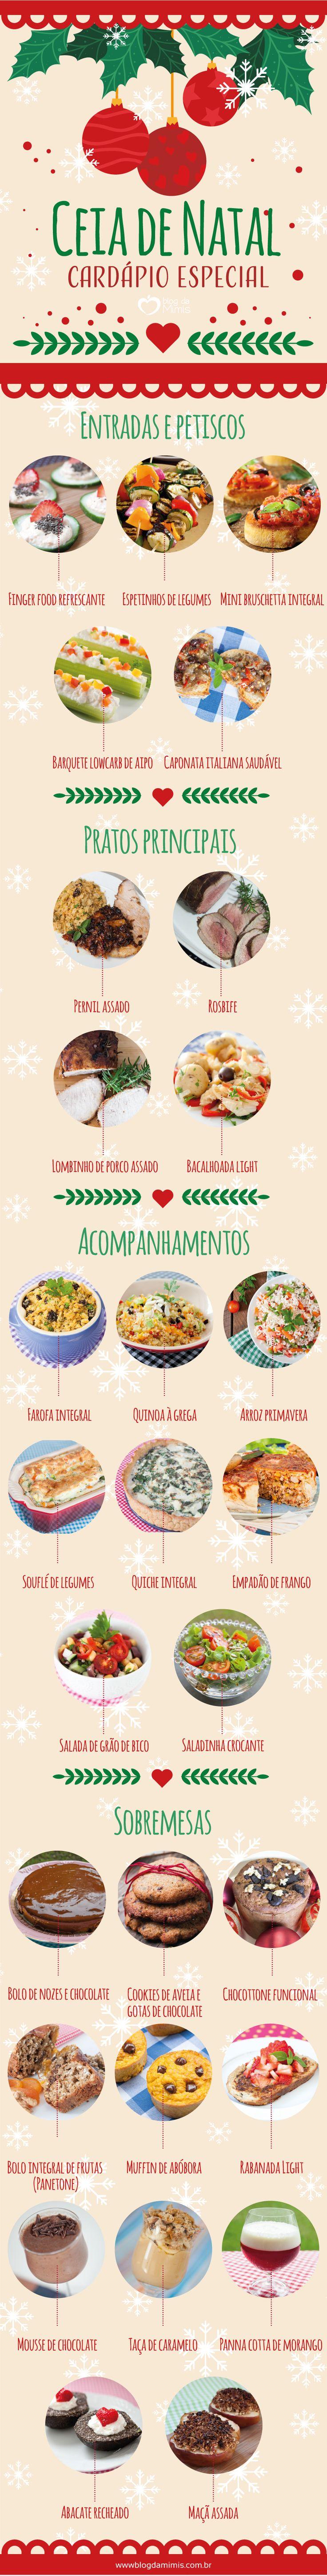 Cardápio de Natal: opções para montar uma ceia saudável - Blog da Mimis #blogdamimis #cardápio #natal #menu #receita #festas #finaldeano #réveillon